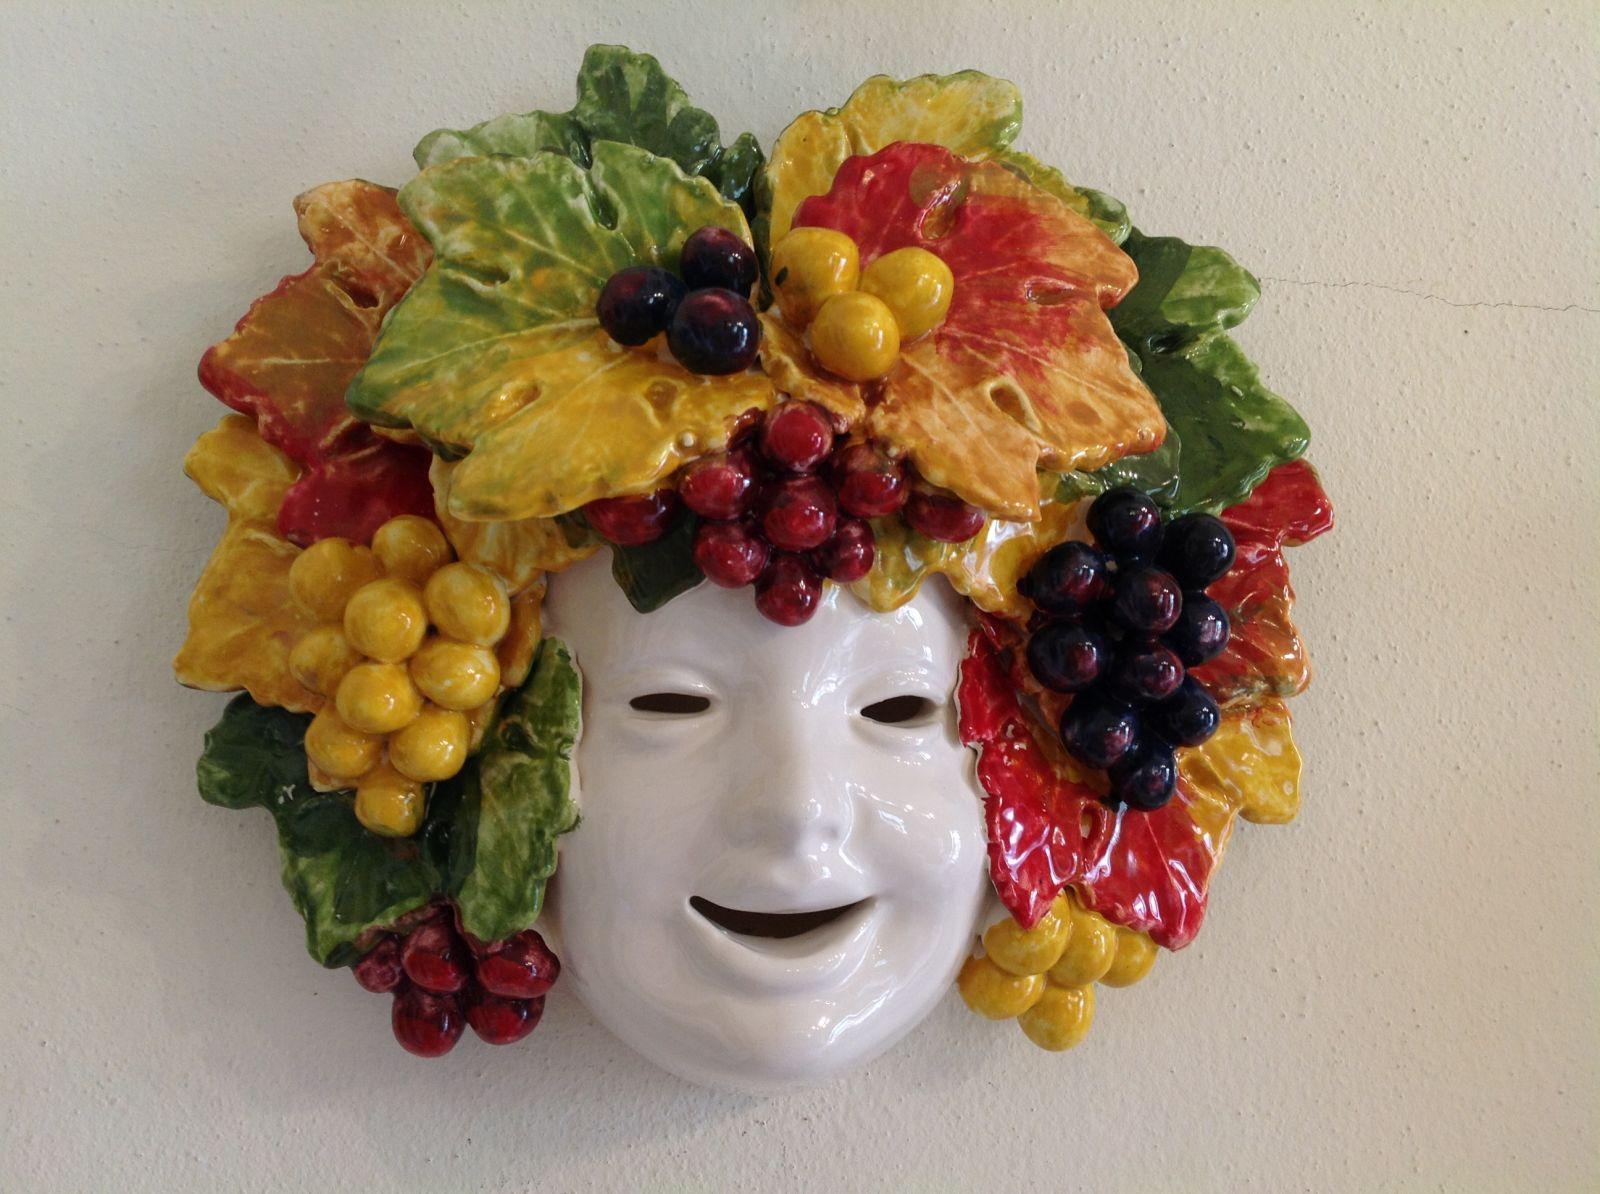 Maschera Bacco con uva 25x25